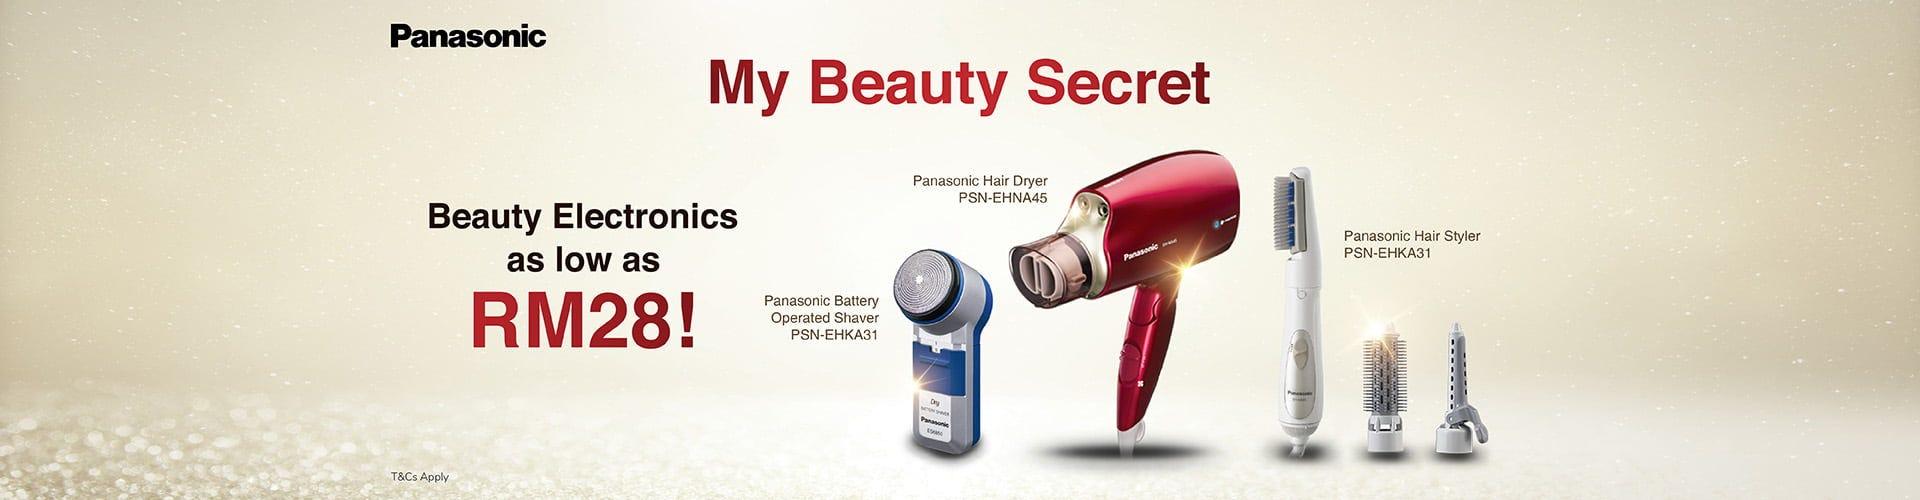 Beauty Secret Desktop